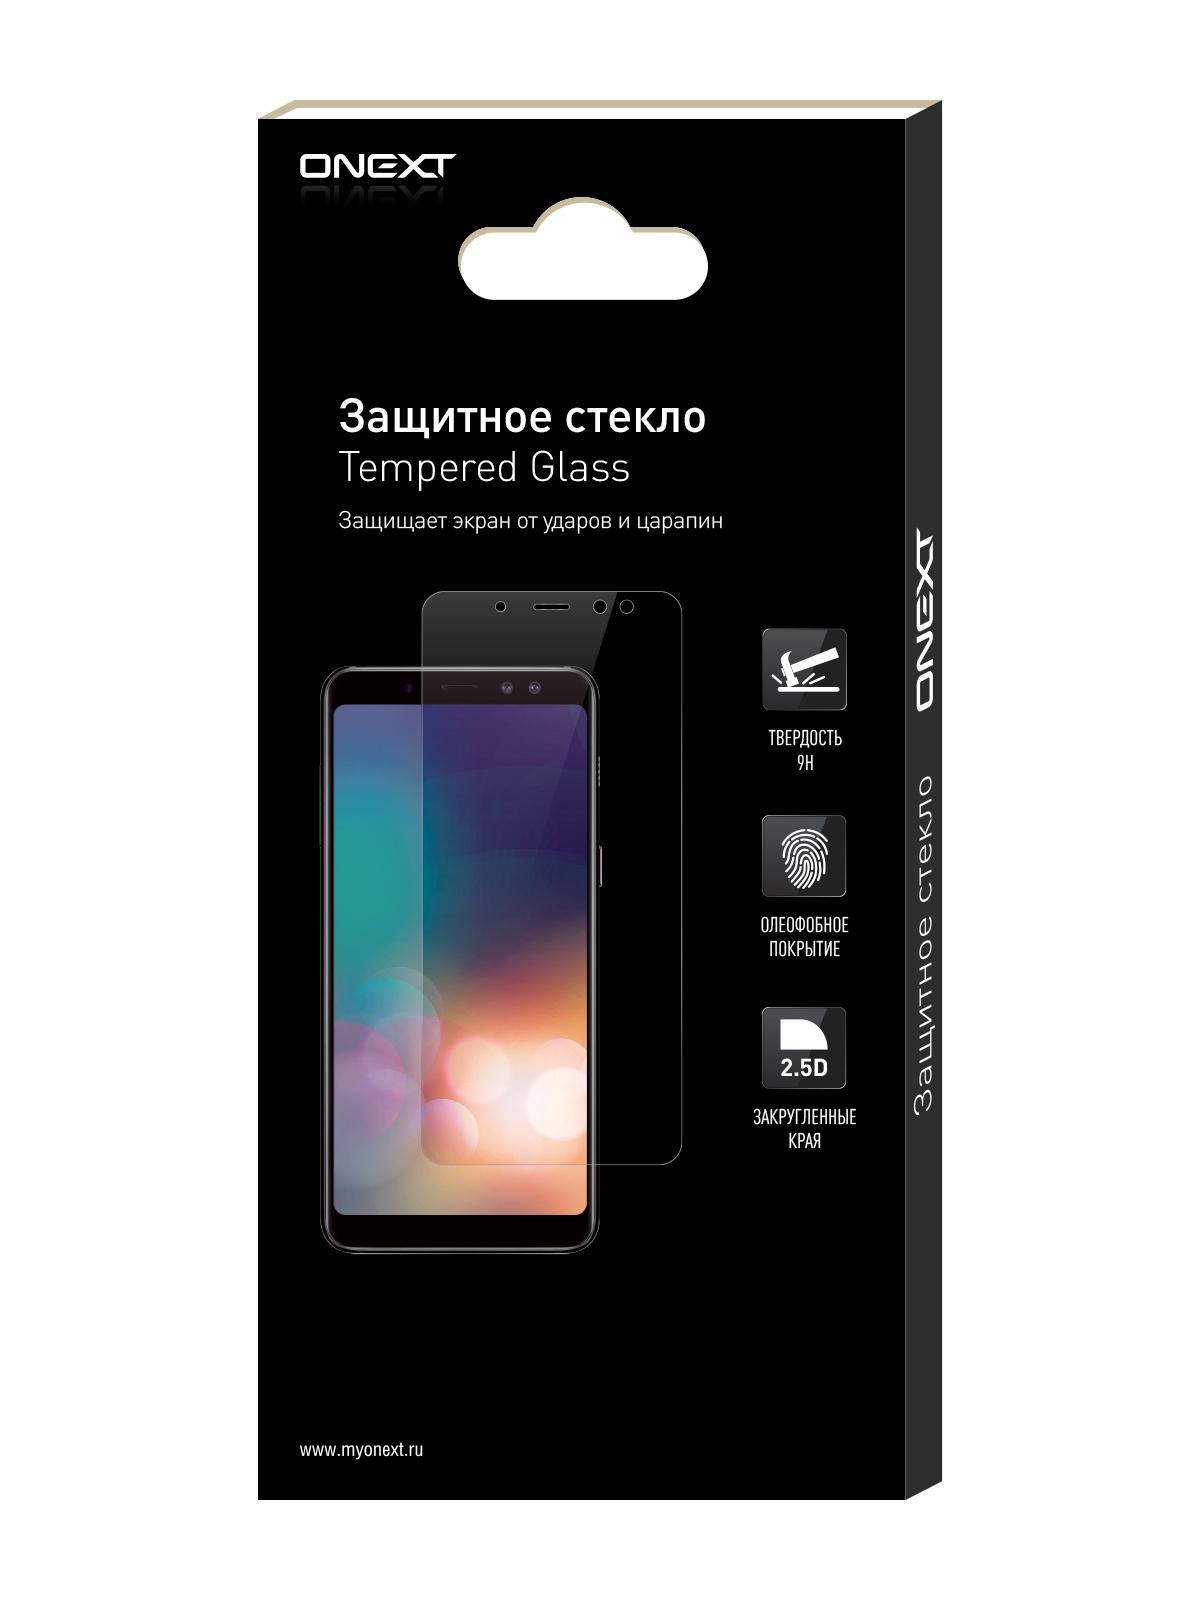 все цены на Защитное стекло ONEXT Sony Xperia XZs онлайн